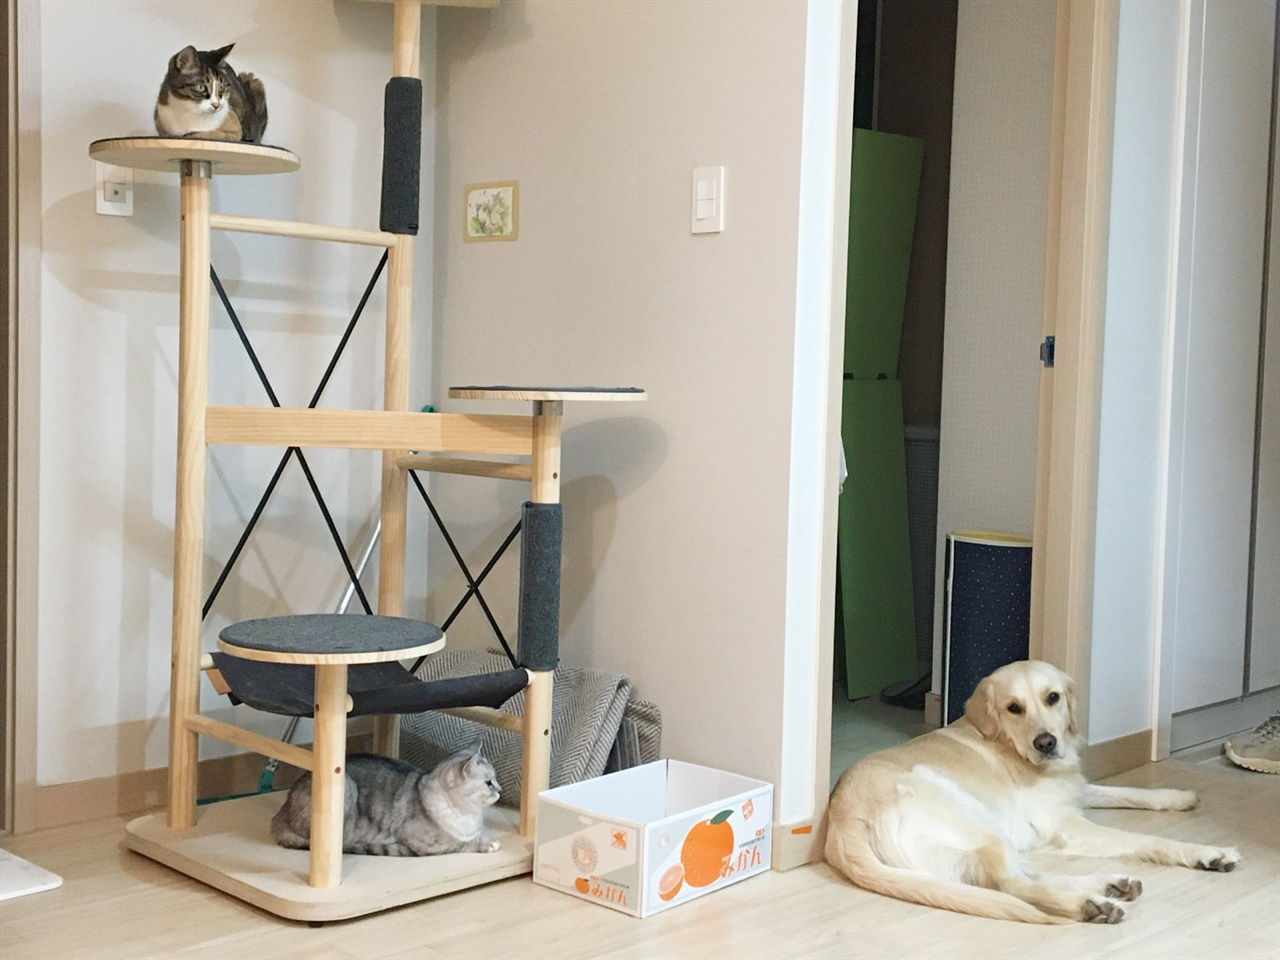 각자 쉬고 있는 개와 고양이들